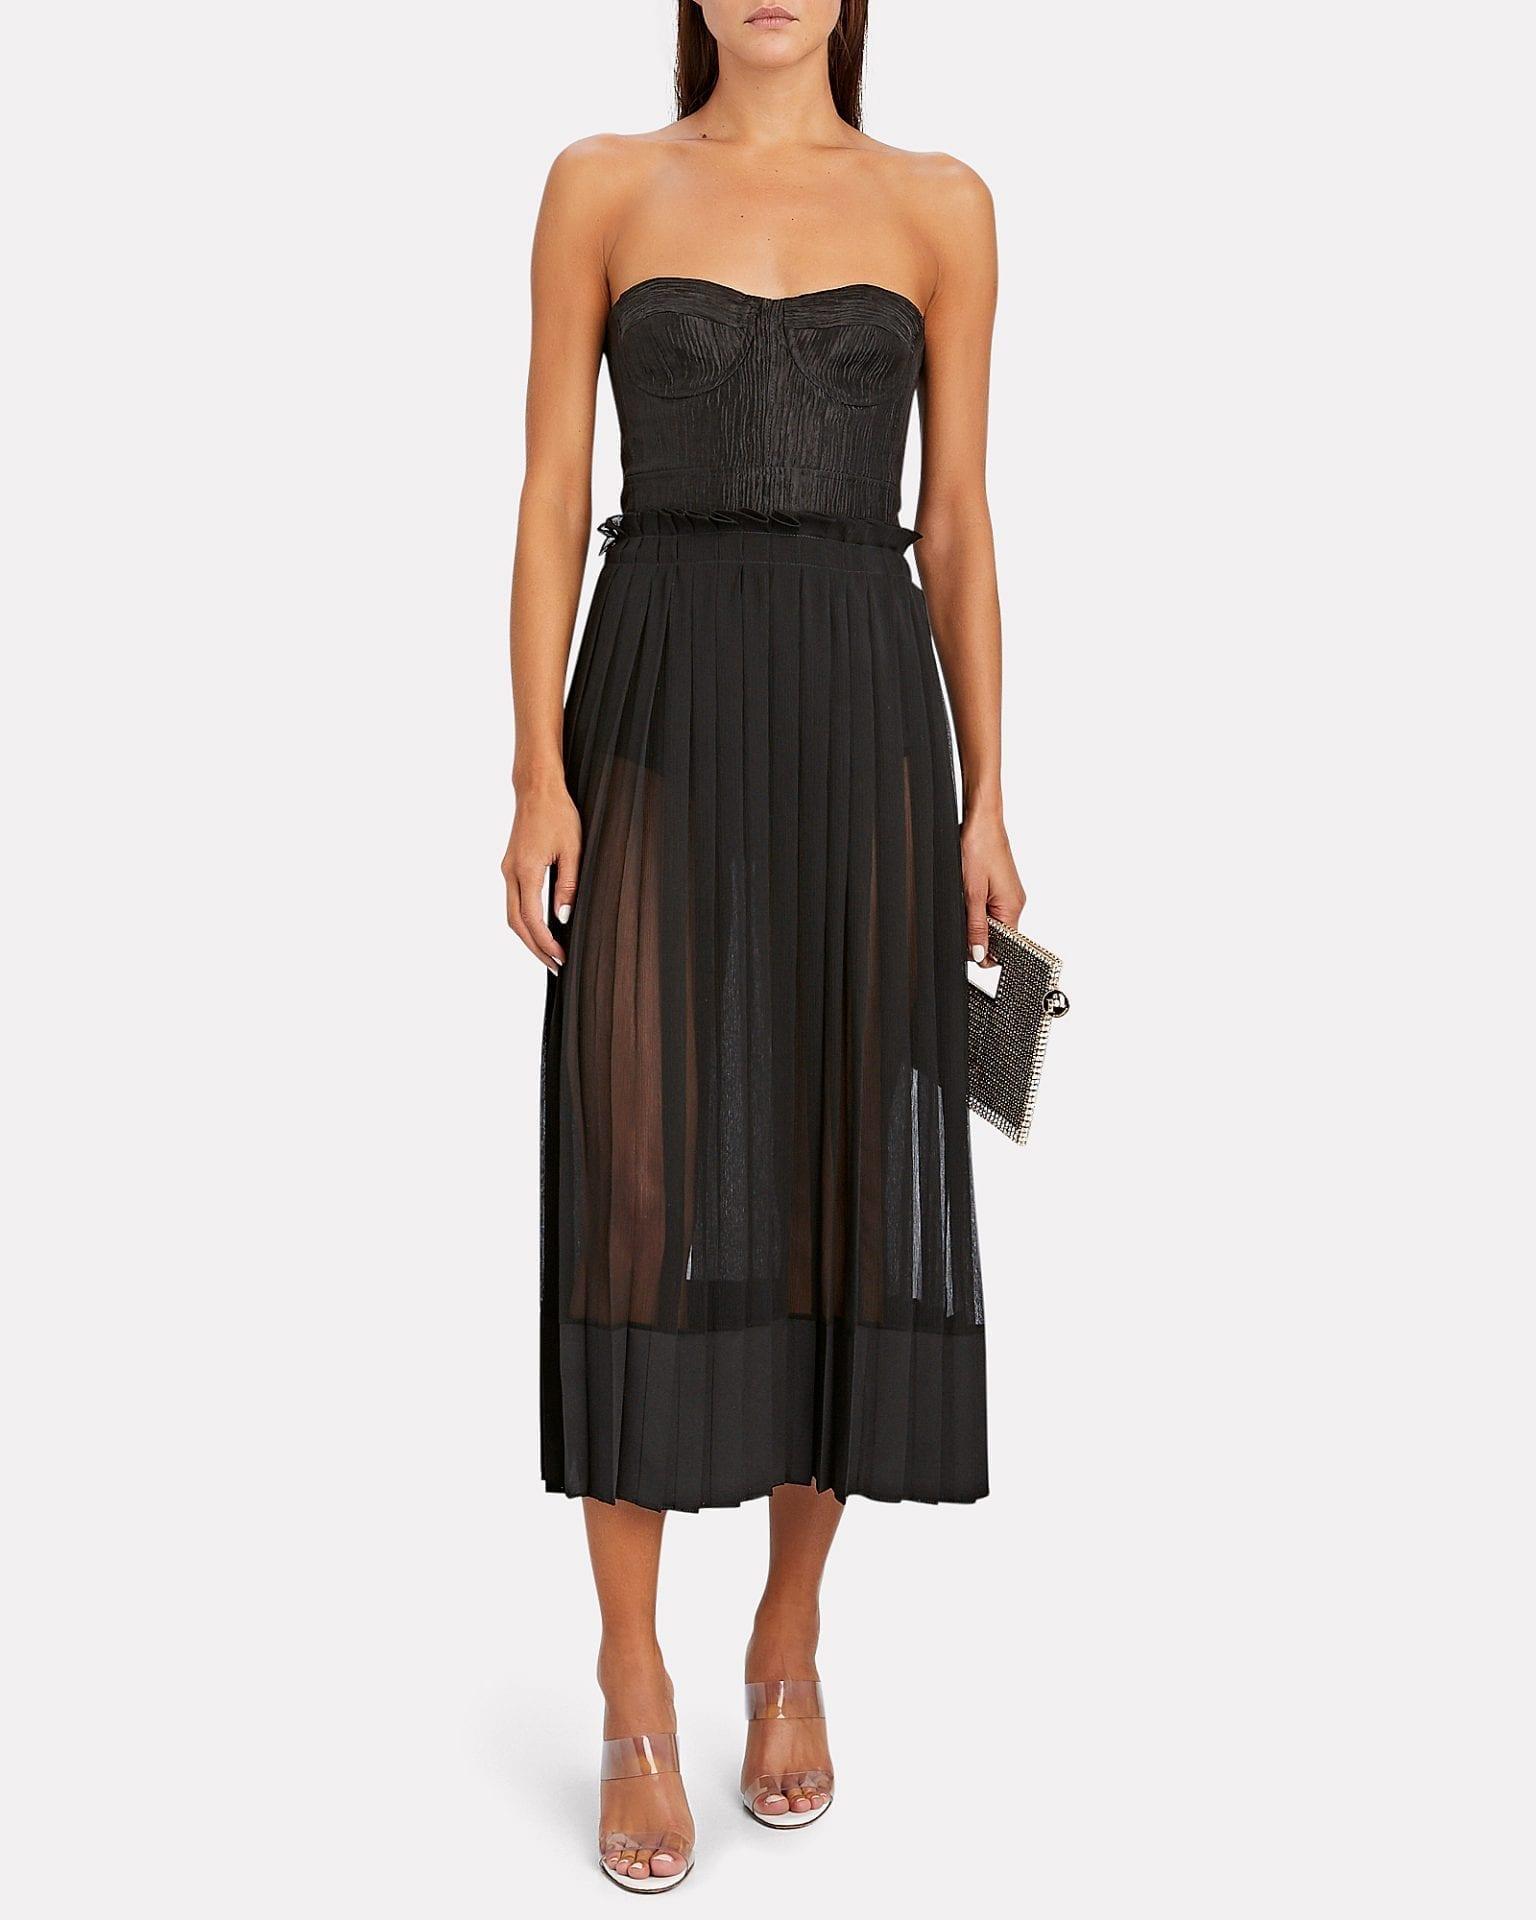 ALEXIS Inasia Strapless Midi Dress